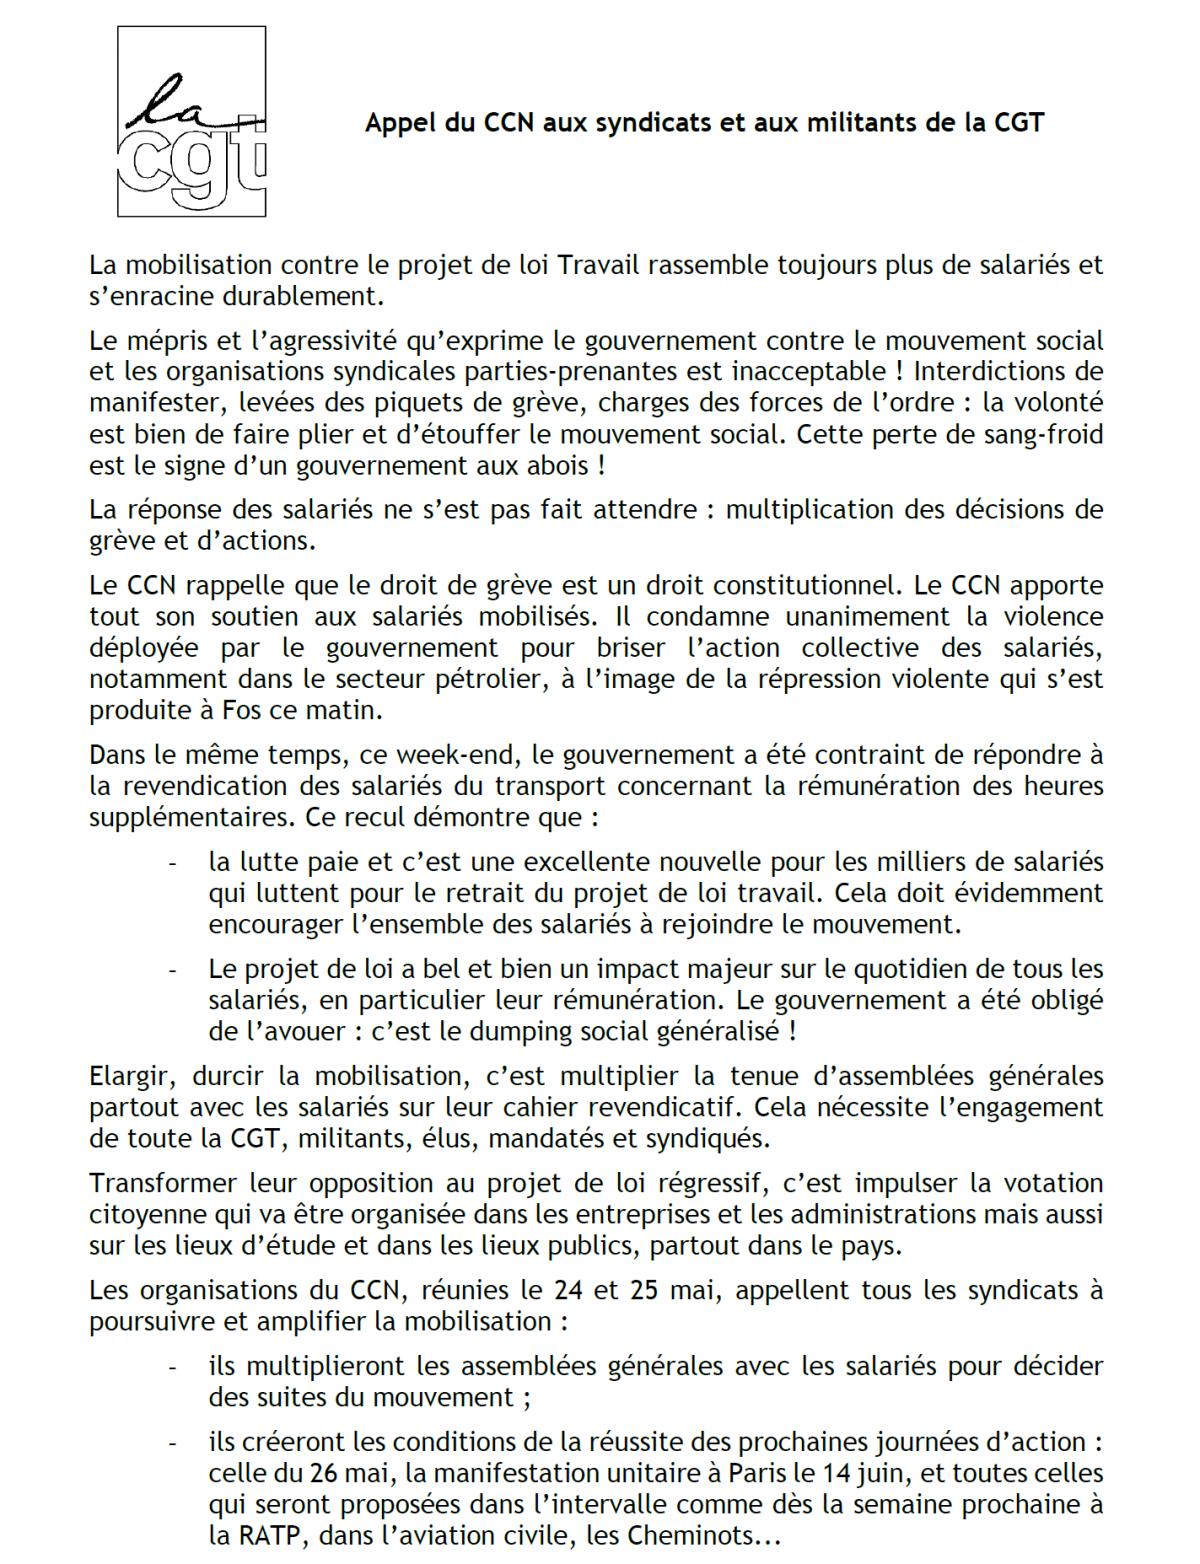 Le comité confédéral national de la CGT appelle à continuer et à amplifier la mobilisation contre la loi Travail